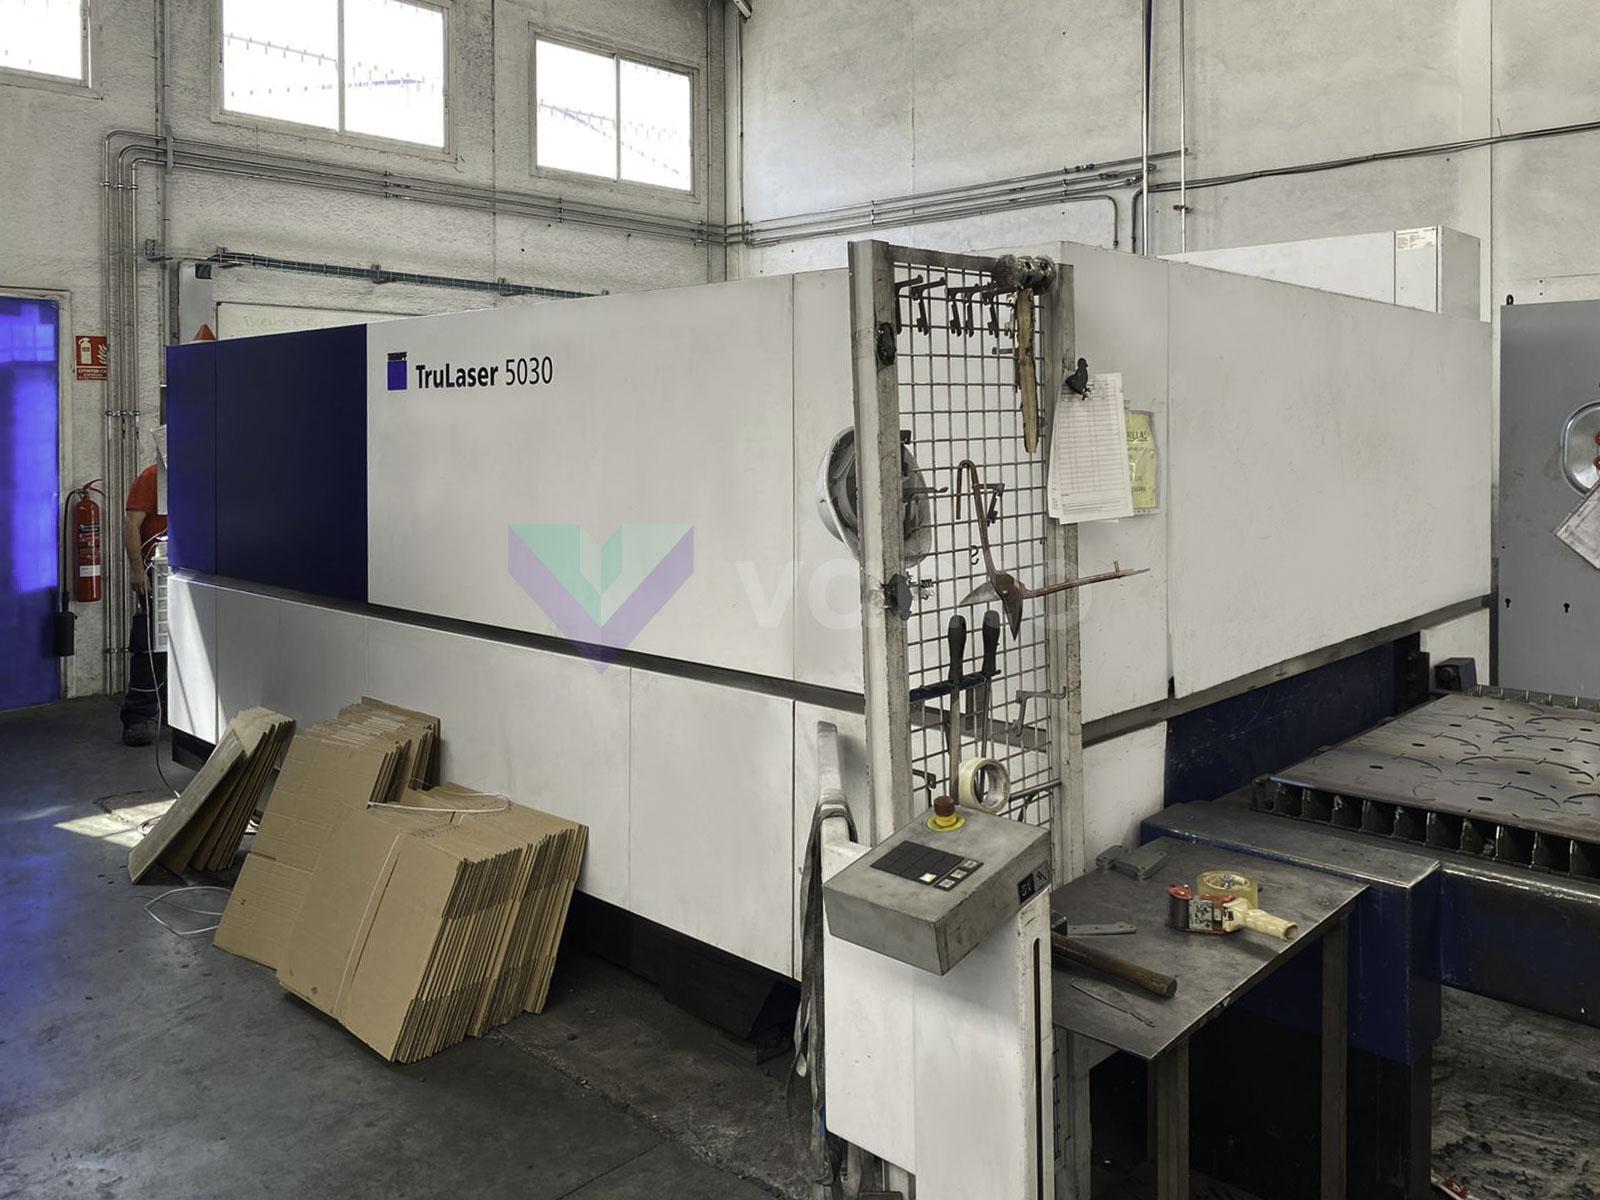 TRUMPF TruLaser 5030 fiber Laser cutting machine (Fiber) (2016) id10449